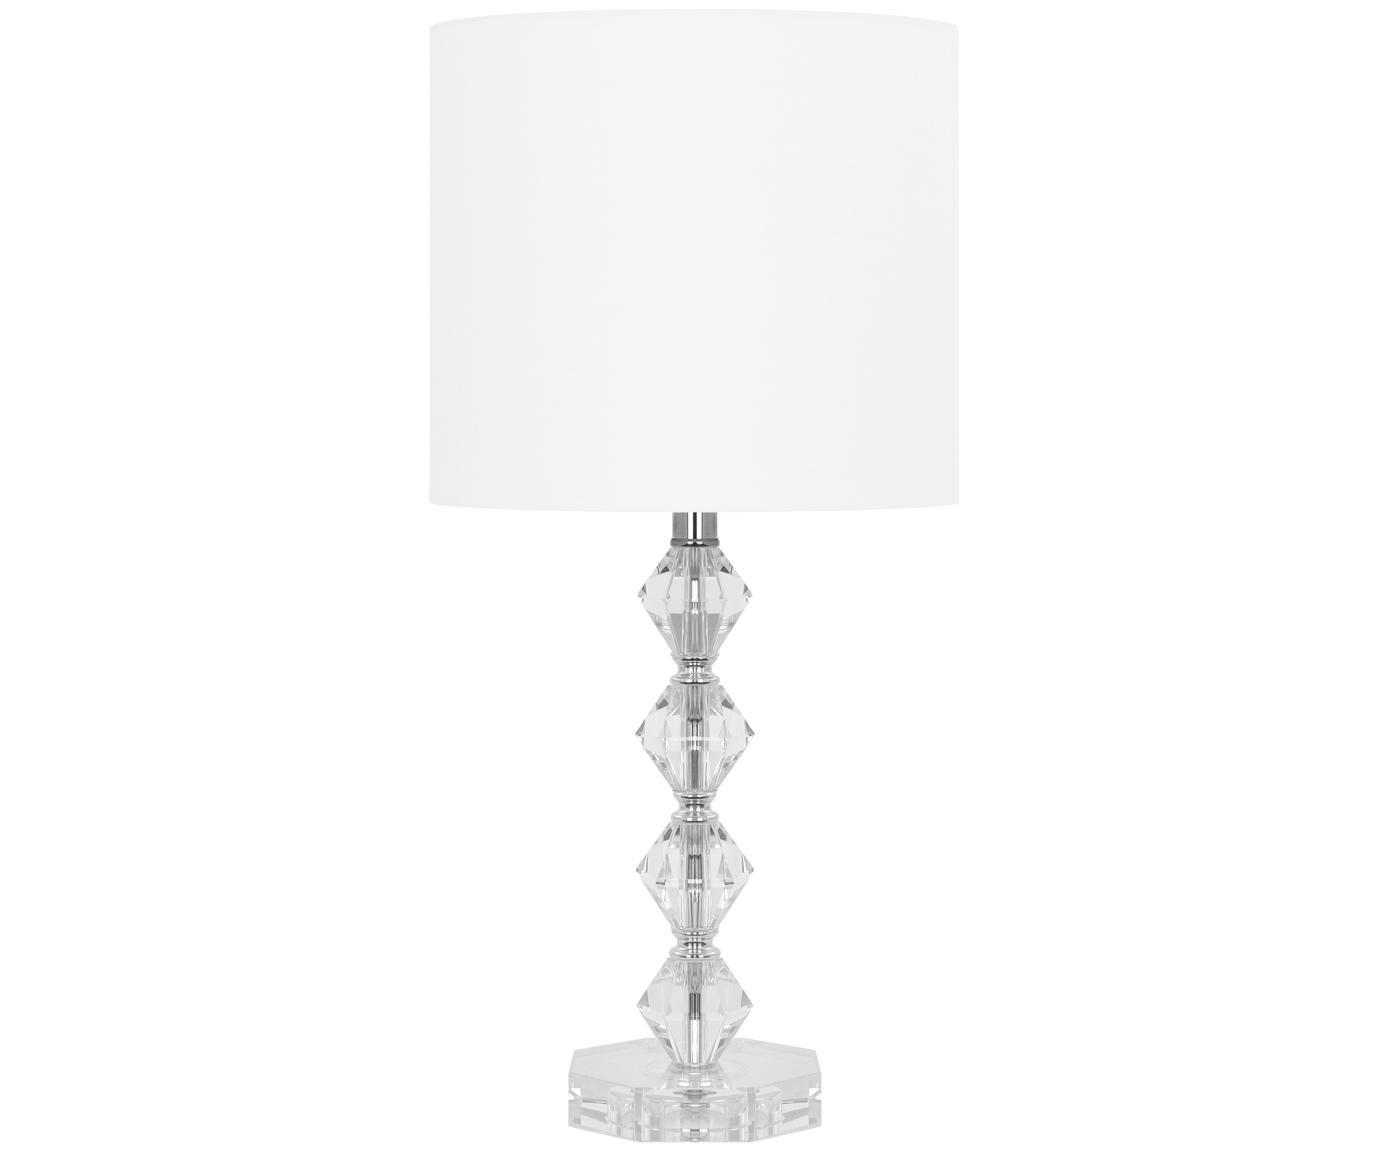 Lampada da tavolo Diamond, Paralume: tessuto, Base della lampada: vetro di cristallo, Paralume: bianco, Base della lampada: trasparente, cavo: bianco, Ø 25 x Alt. 53 cm